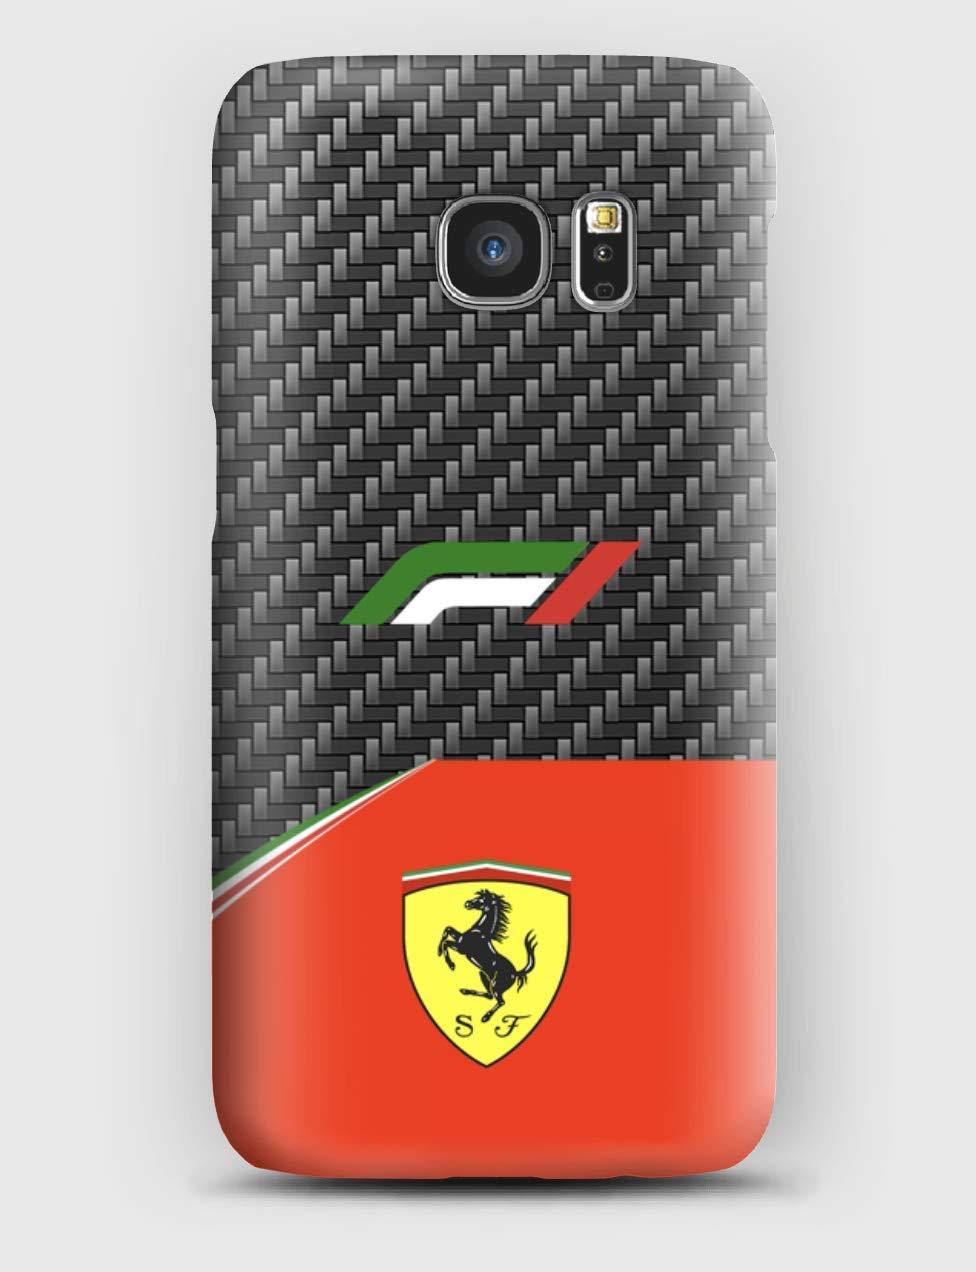 F1 carbon Ferrari Funda para el Samsung S6, S7, S8, S9, A3, A5, A7A8, J3, J5, Note 4,5,8,9,